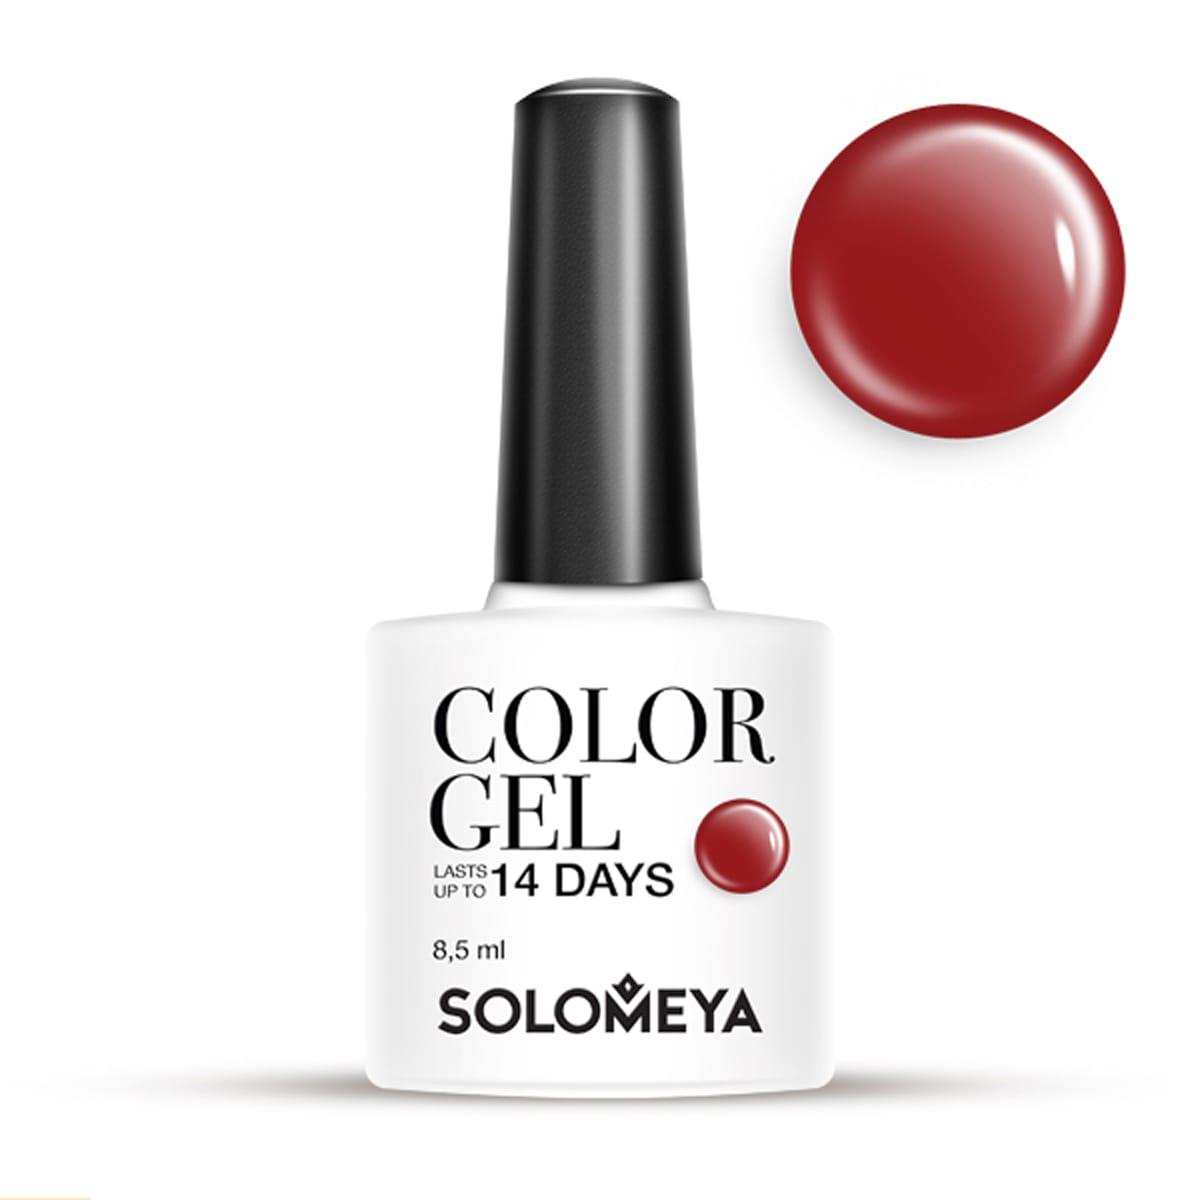 SOLOMEYA Гель-лак для ногтей SCG138 Бордо / Color Gel Bordeaux 8,5мл гель лак для ногтей solomeya color gel beret scg034 берет 8 5 мл